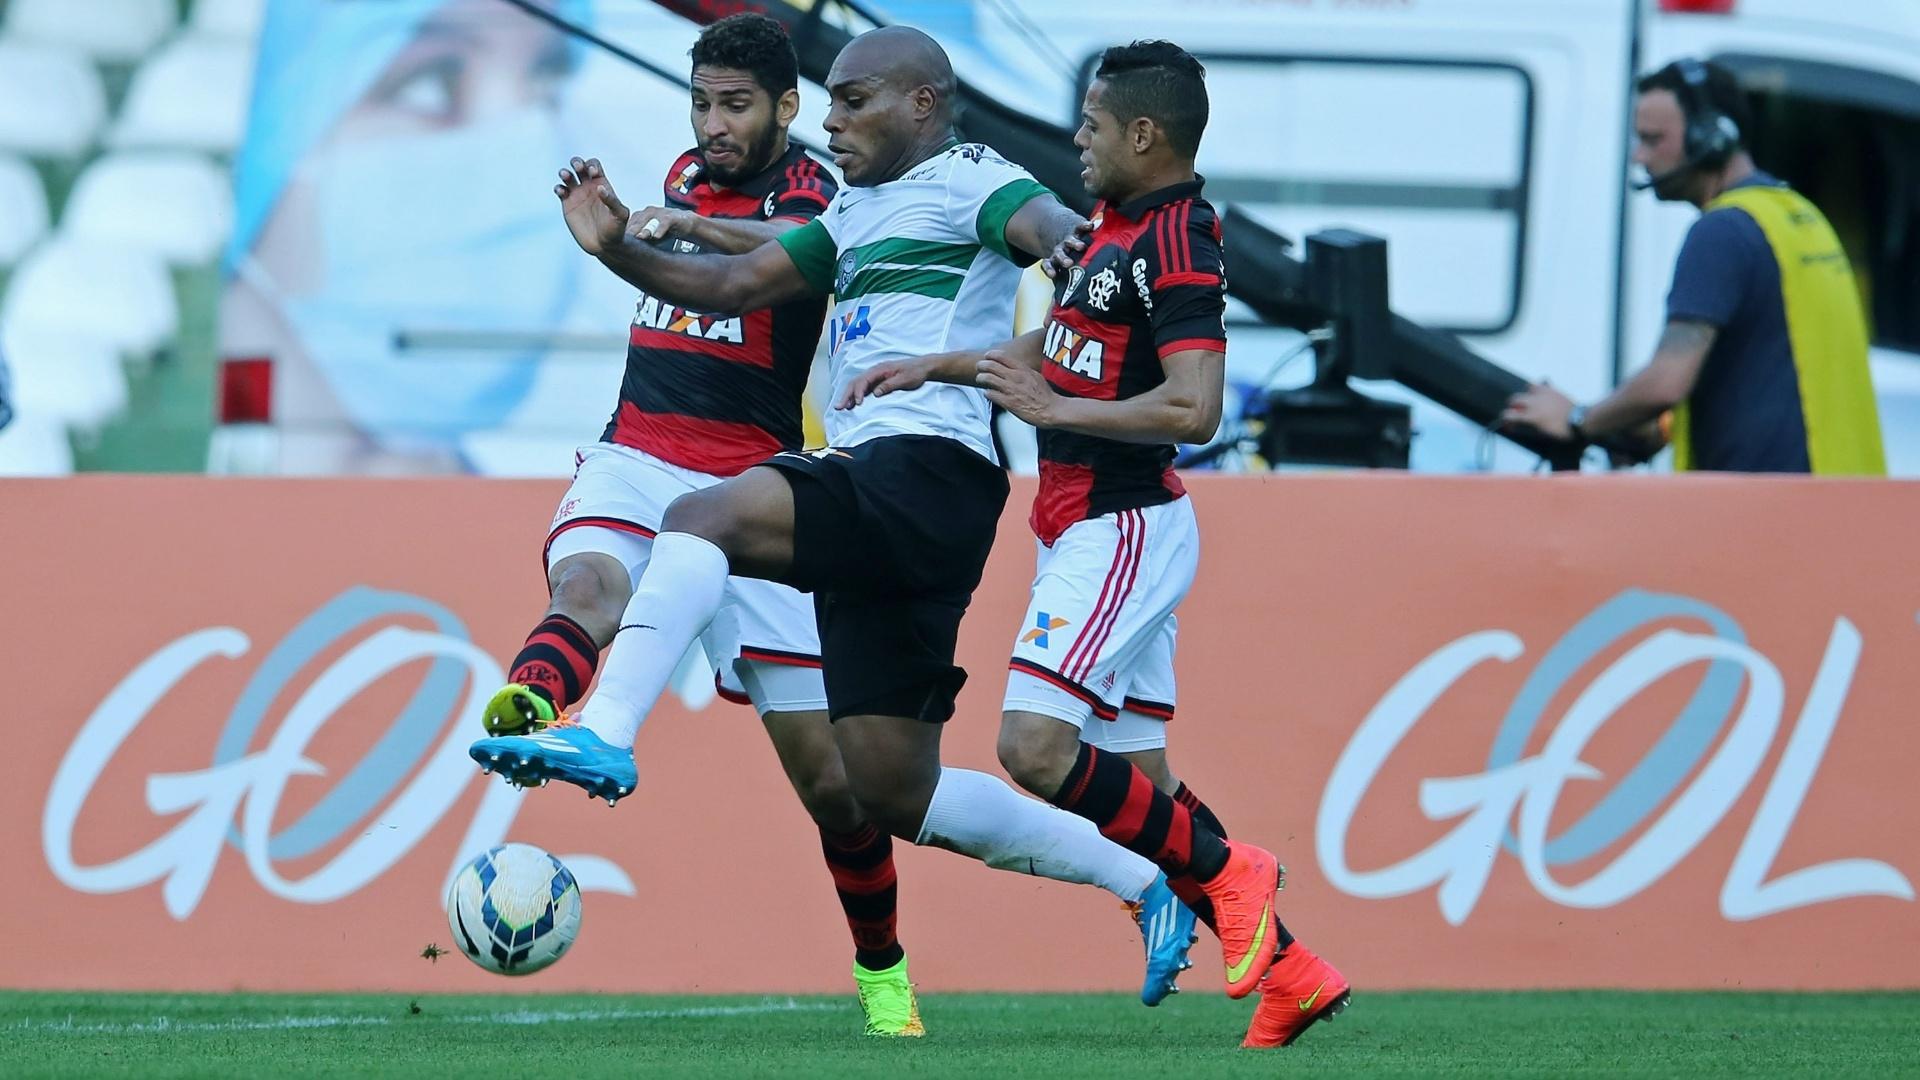 Luccas Claro, do Coritiba, tenta se livrar da forte marcação do Flamengo em lance de jogo no Couto Pereira